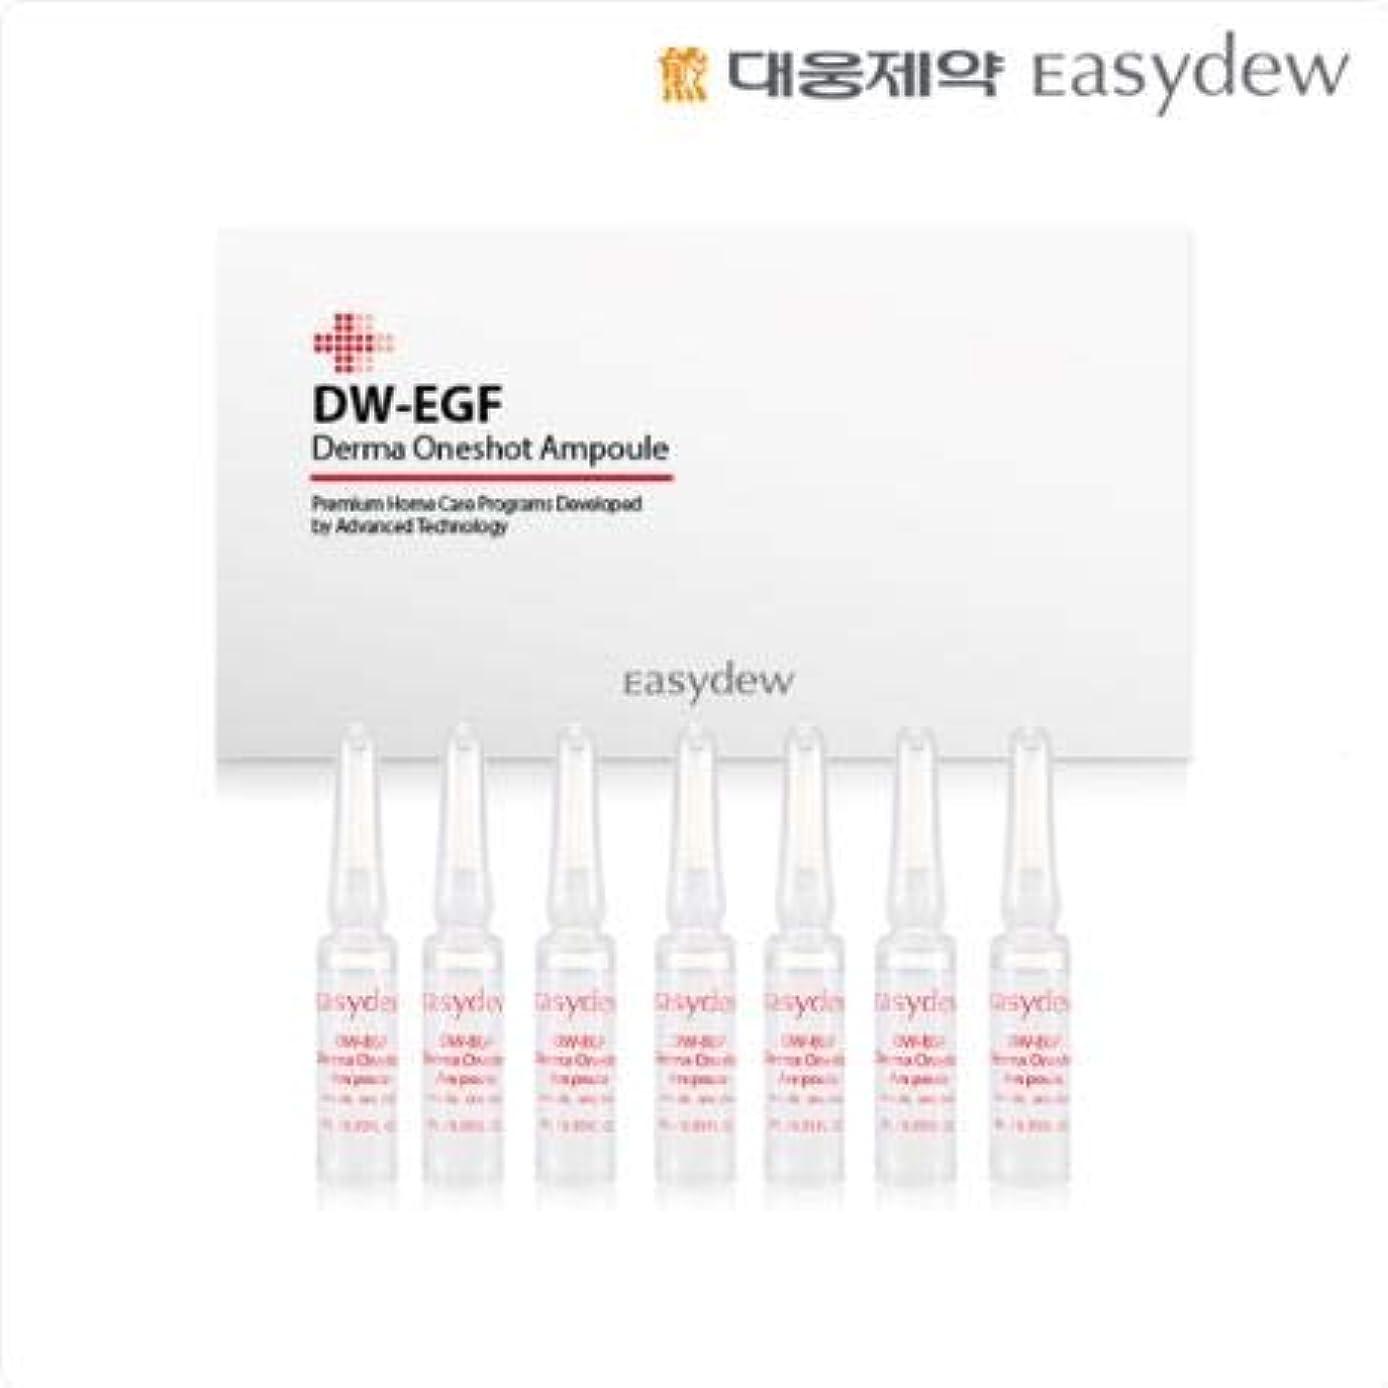 到着死すべき放送Easydew DW-EGF ダマー ワンショット アンプル(1.2ml X 7本)[美.白?シワ.改善2重機能性化粧品] X Mask Pack 1p.